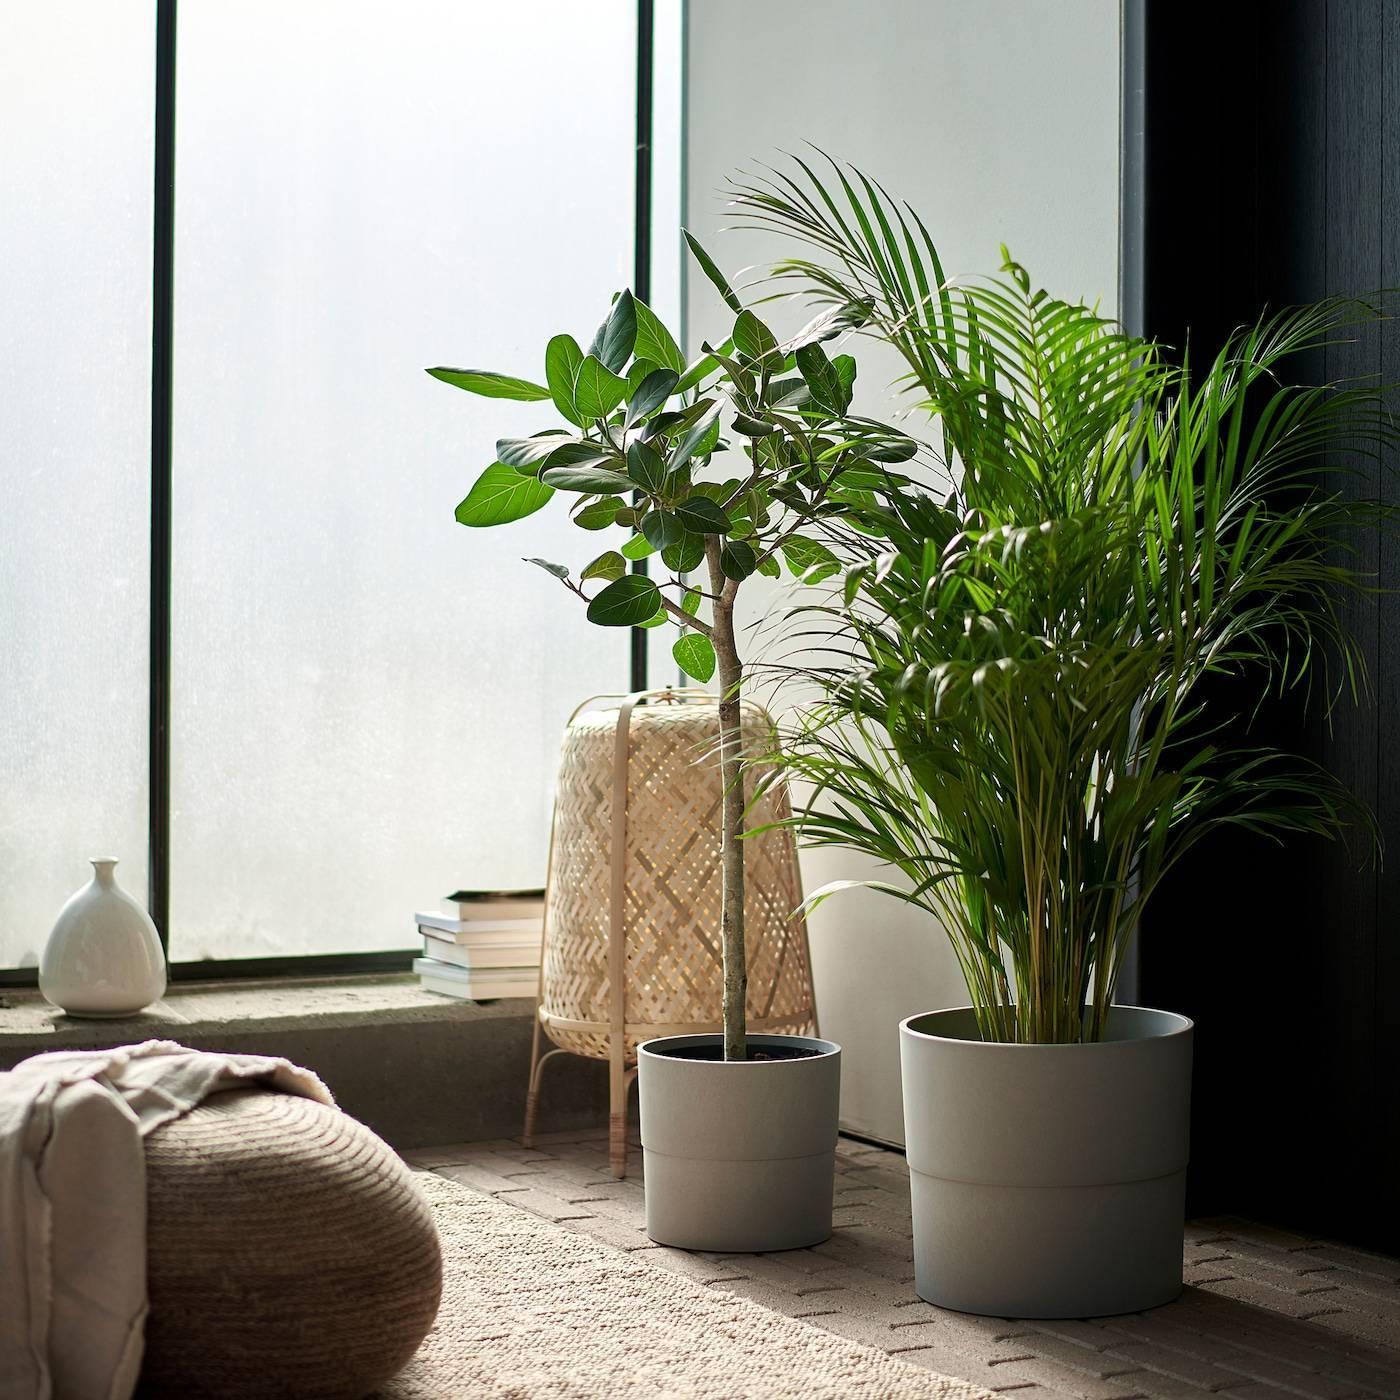 Самые благоприятные комнатные растения: приносят удачу и благополучие в семью.